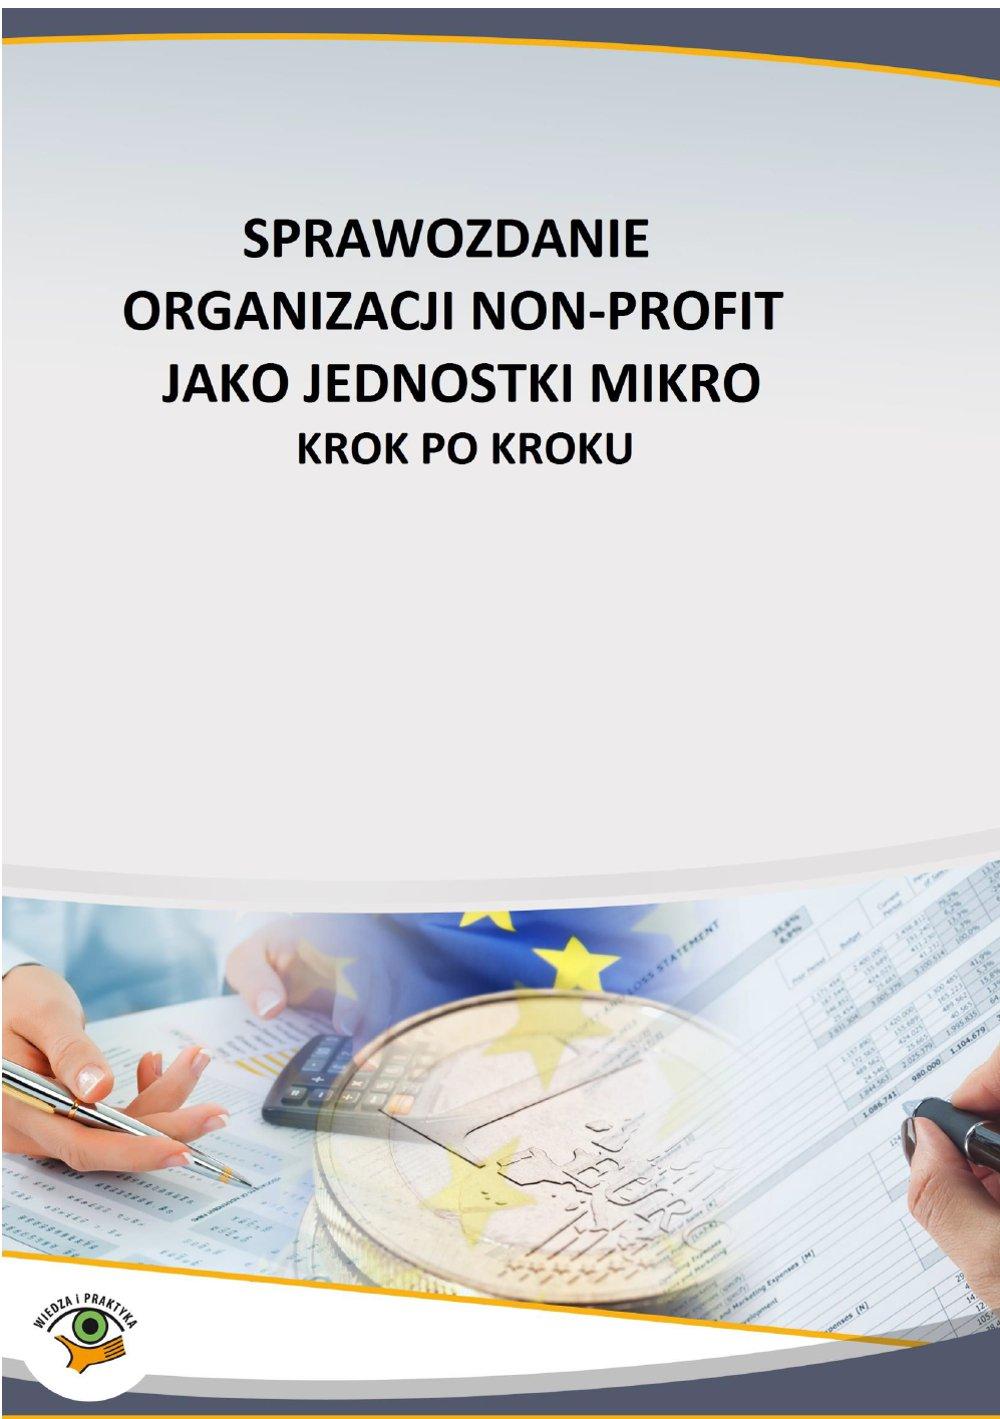 Sprawozdanie organizacji non profit jako jednostki mikro – krok po kroku - Ebook (Książka PDF) do pobrania w formacie PDF